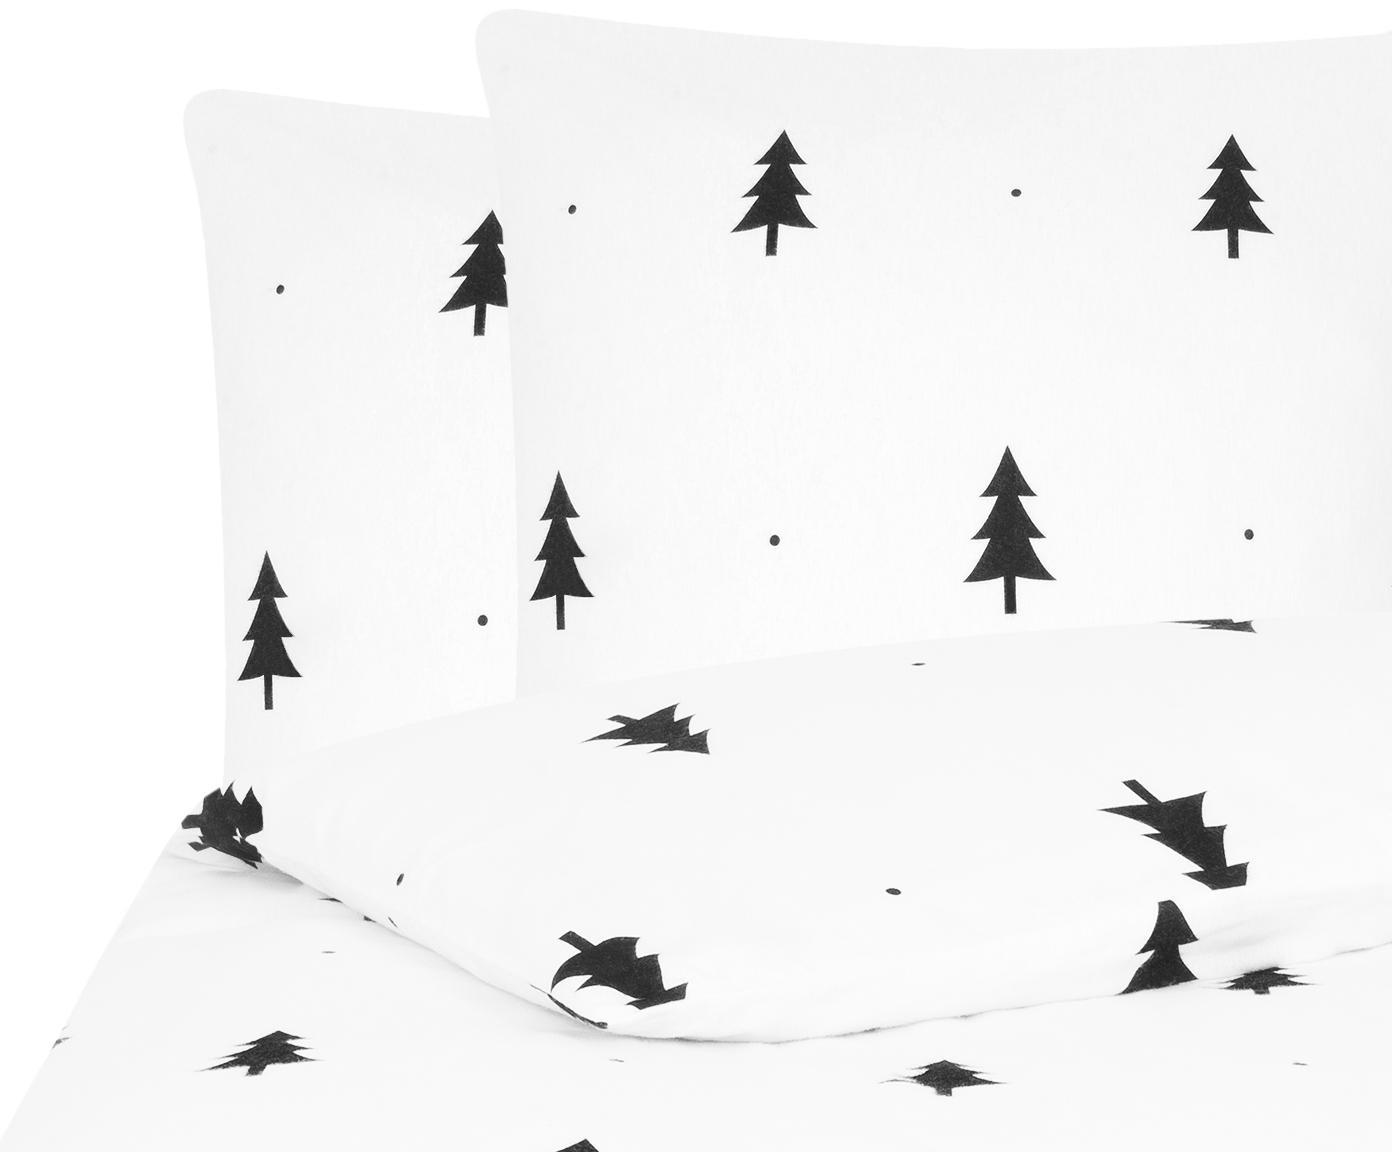 Flanell-Bettwäsche X-mas Tree in Weiß/Schwarz, Webart: Flanell Flanell ist ein s, Weiß, Schwarz, 240 x 220 cm + 2 Kissen 80 x 80 cm